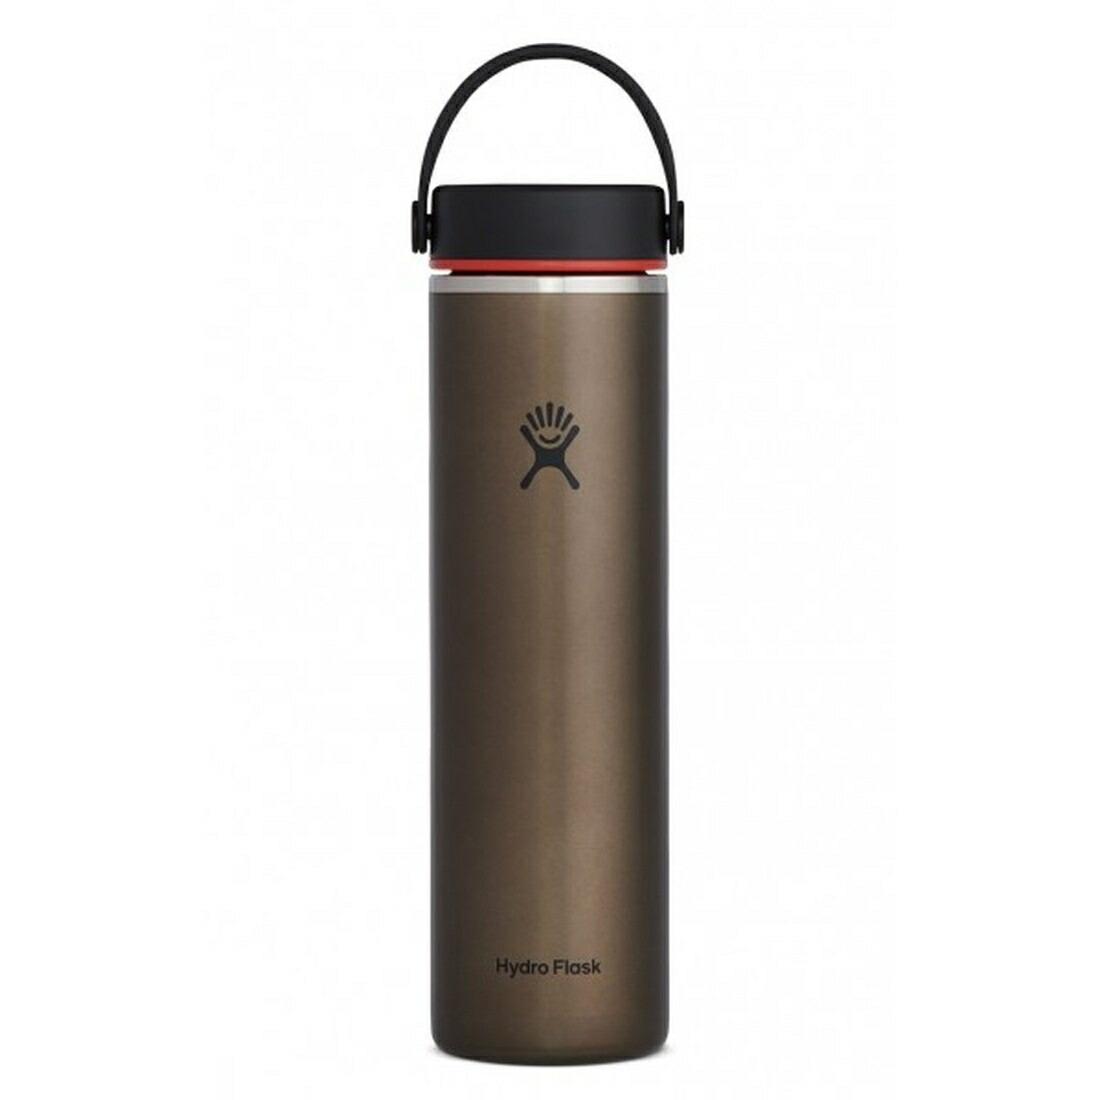 ハイドロフラスク ライトウエイト ワイドマウス24oz 保温 保冷 ボトル 水筒  国内正規品